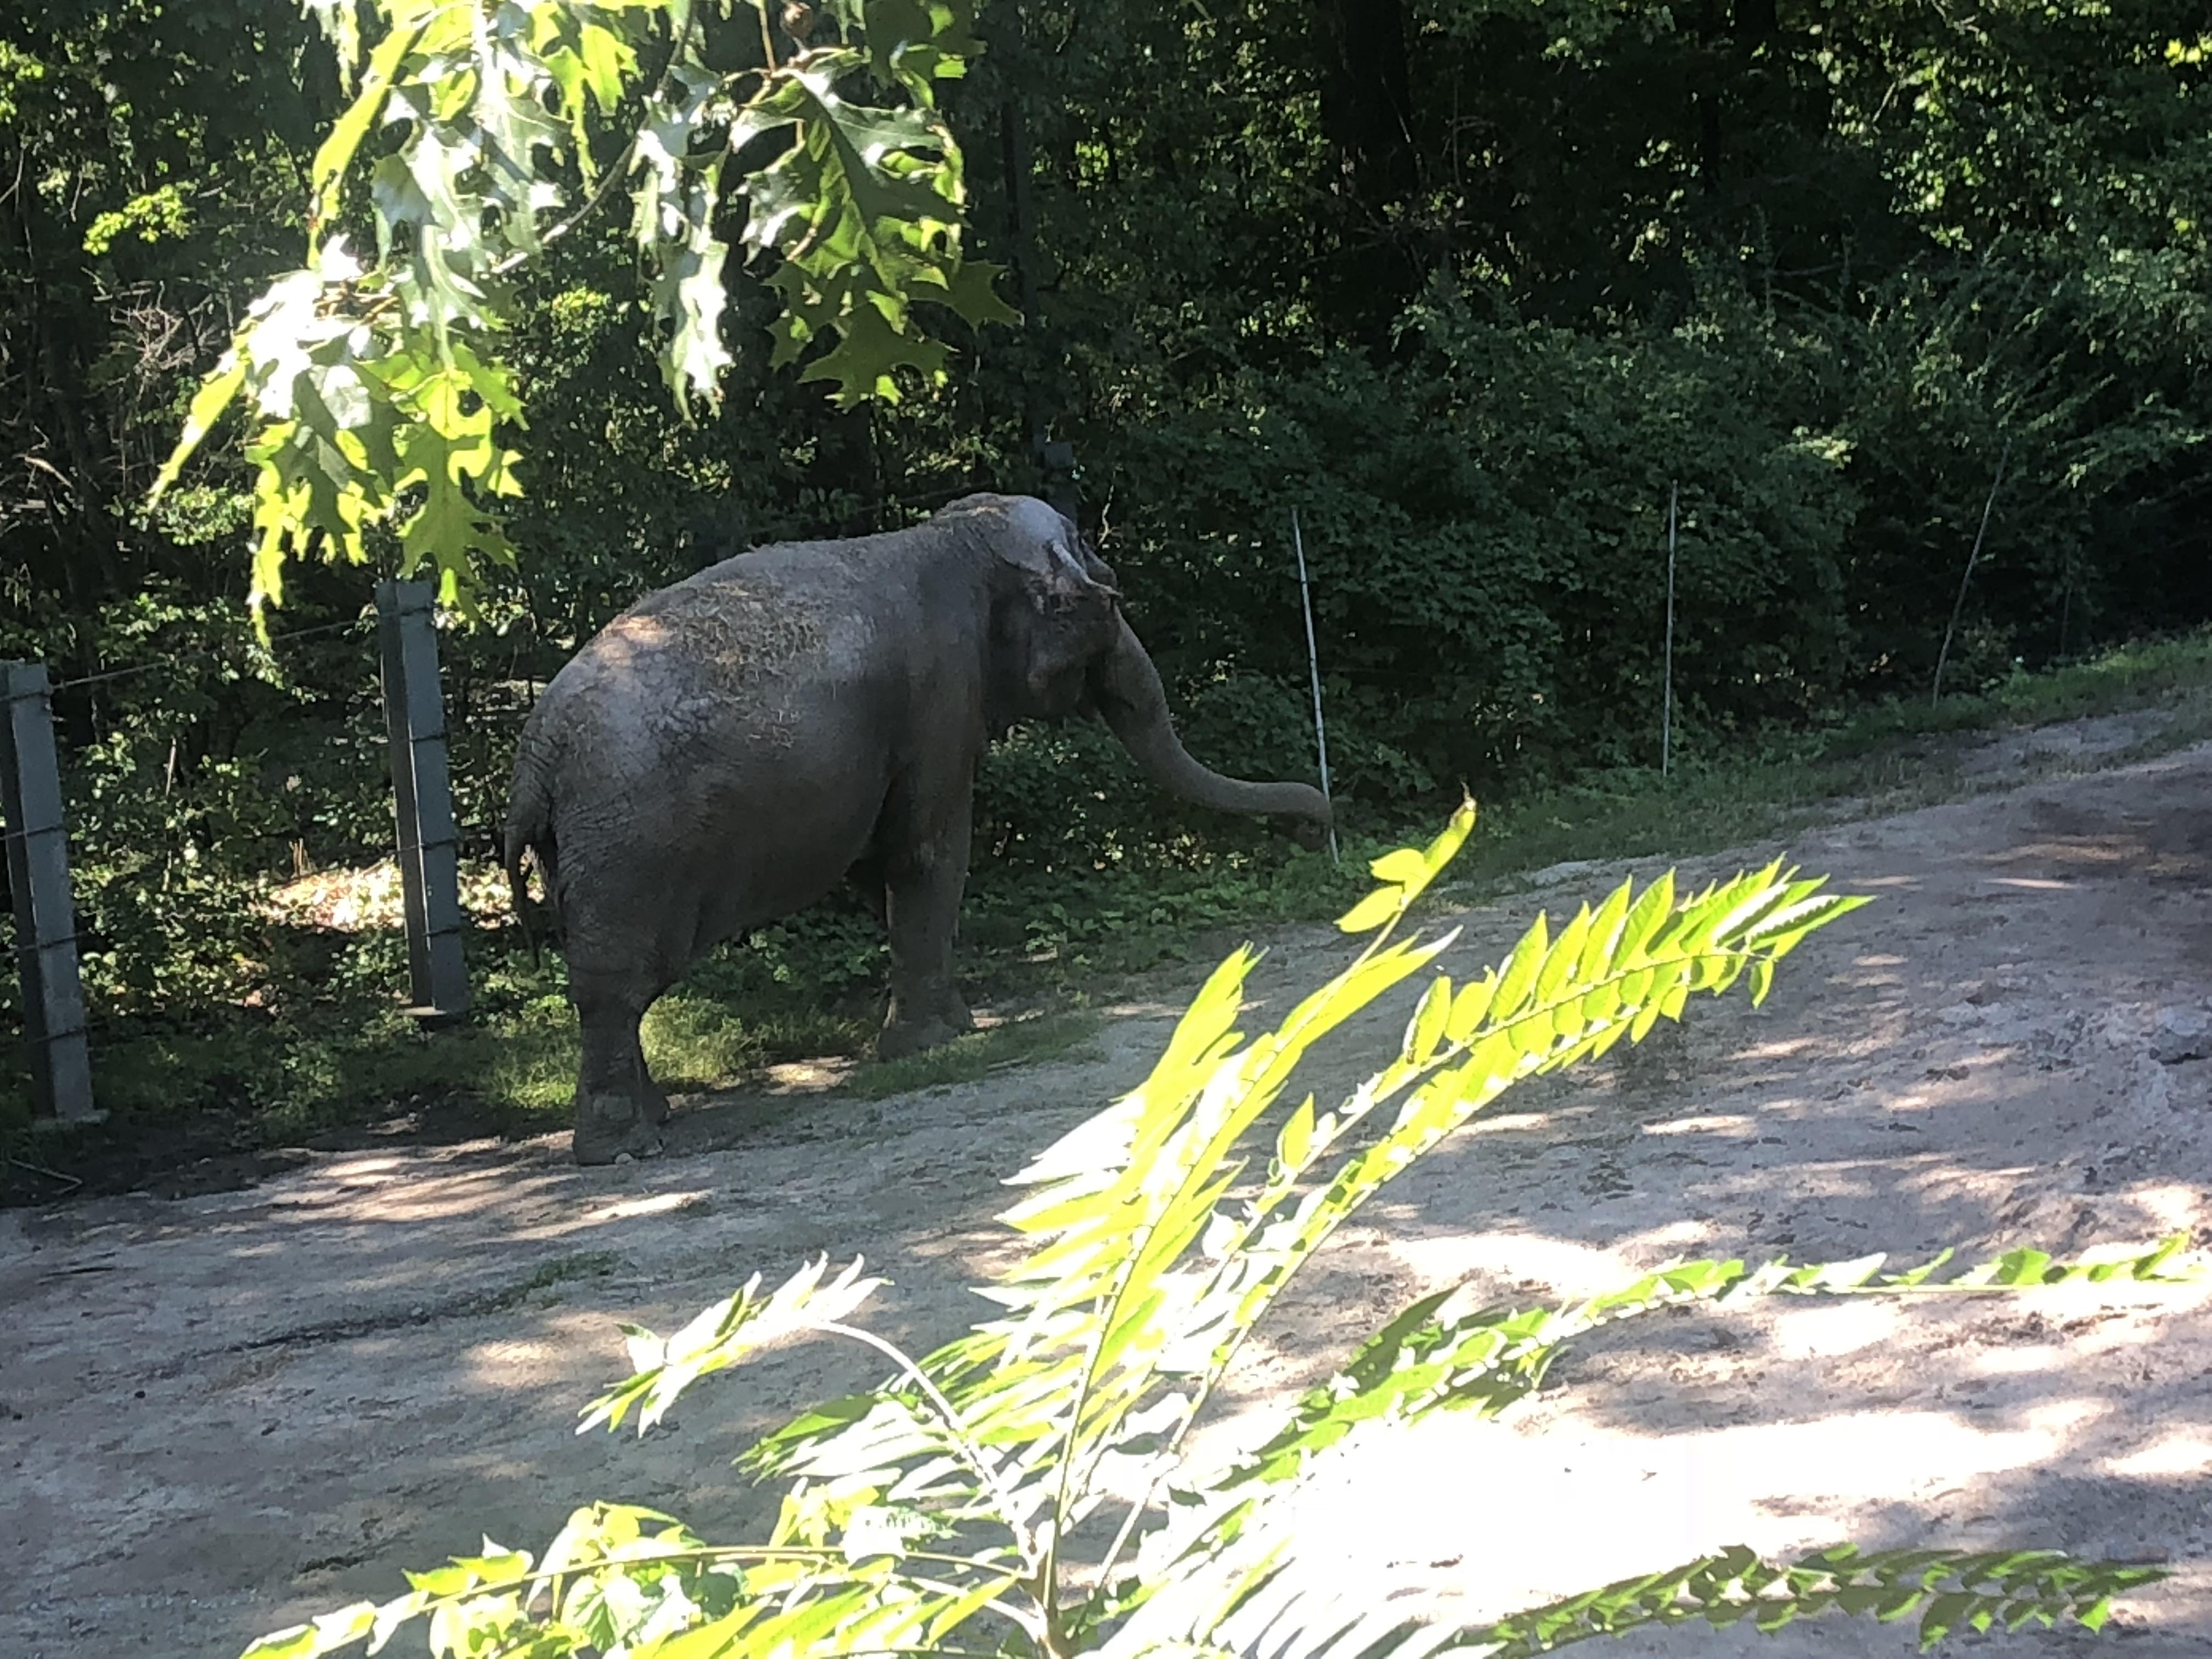 Elephant Happy at Bronx Zoo